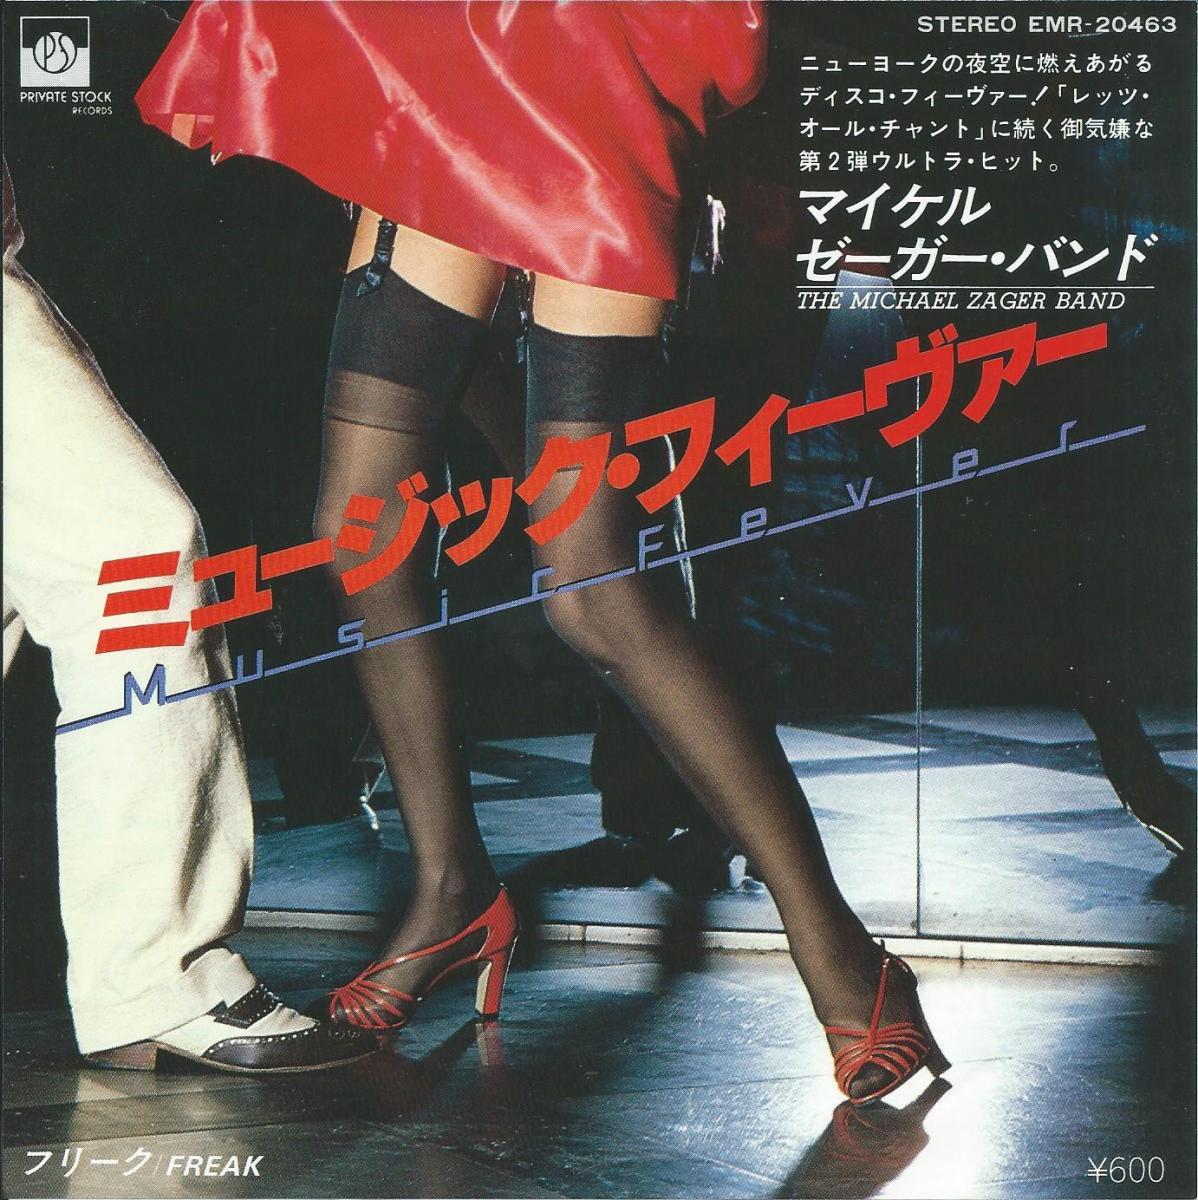 マイケル・ゼーガー・バンド THE MICHAEL ZAGER BAND / ミュージック・フィーヴァー MUSIC FEVER (7